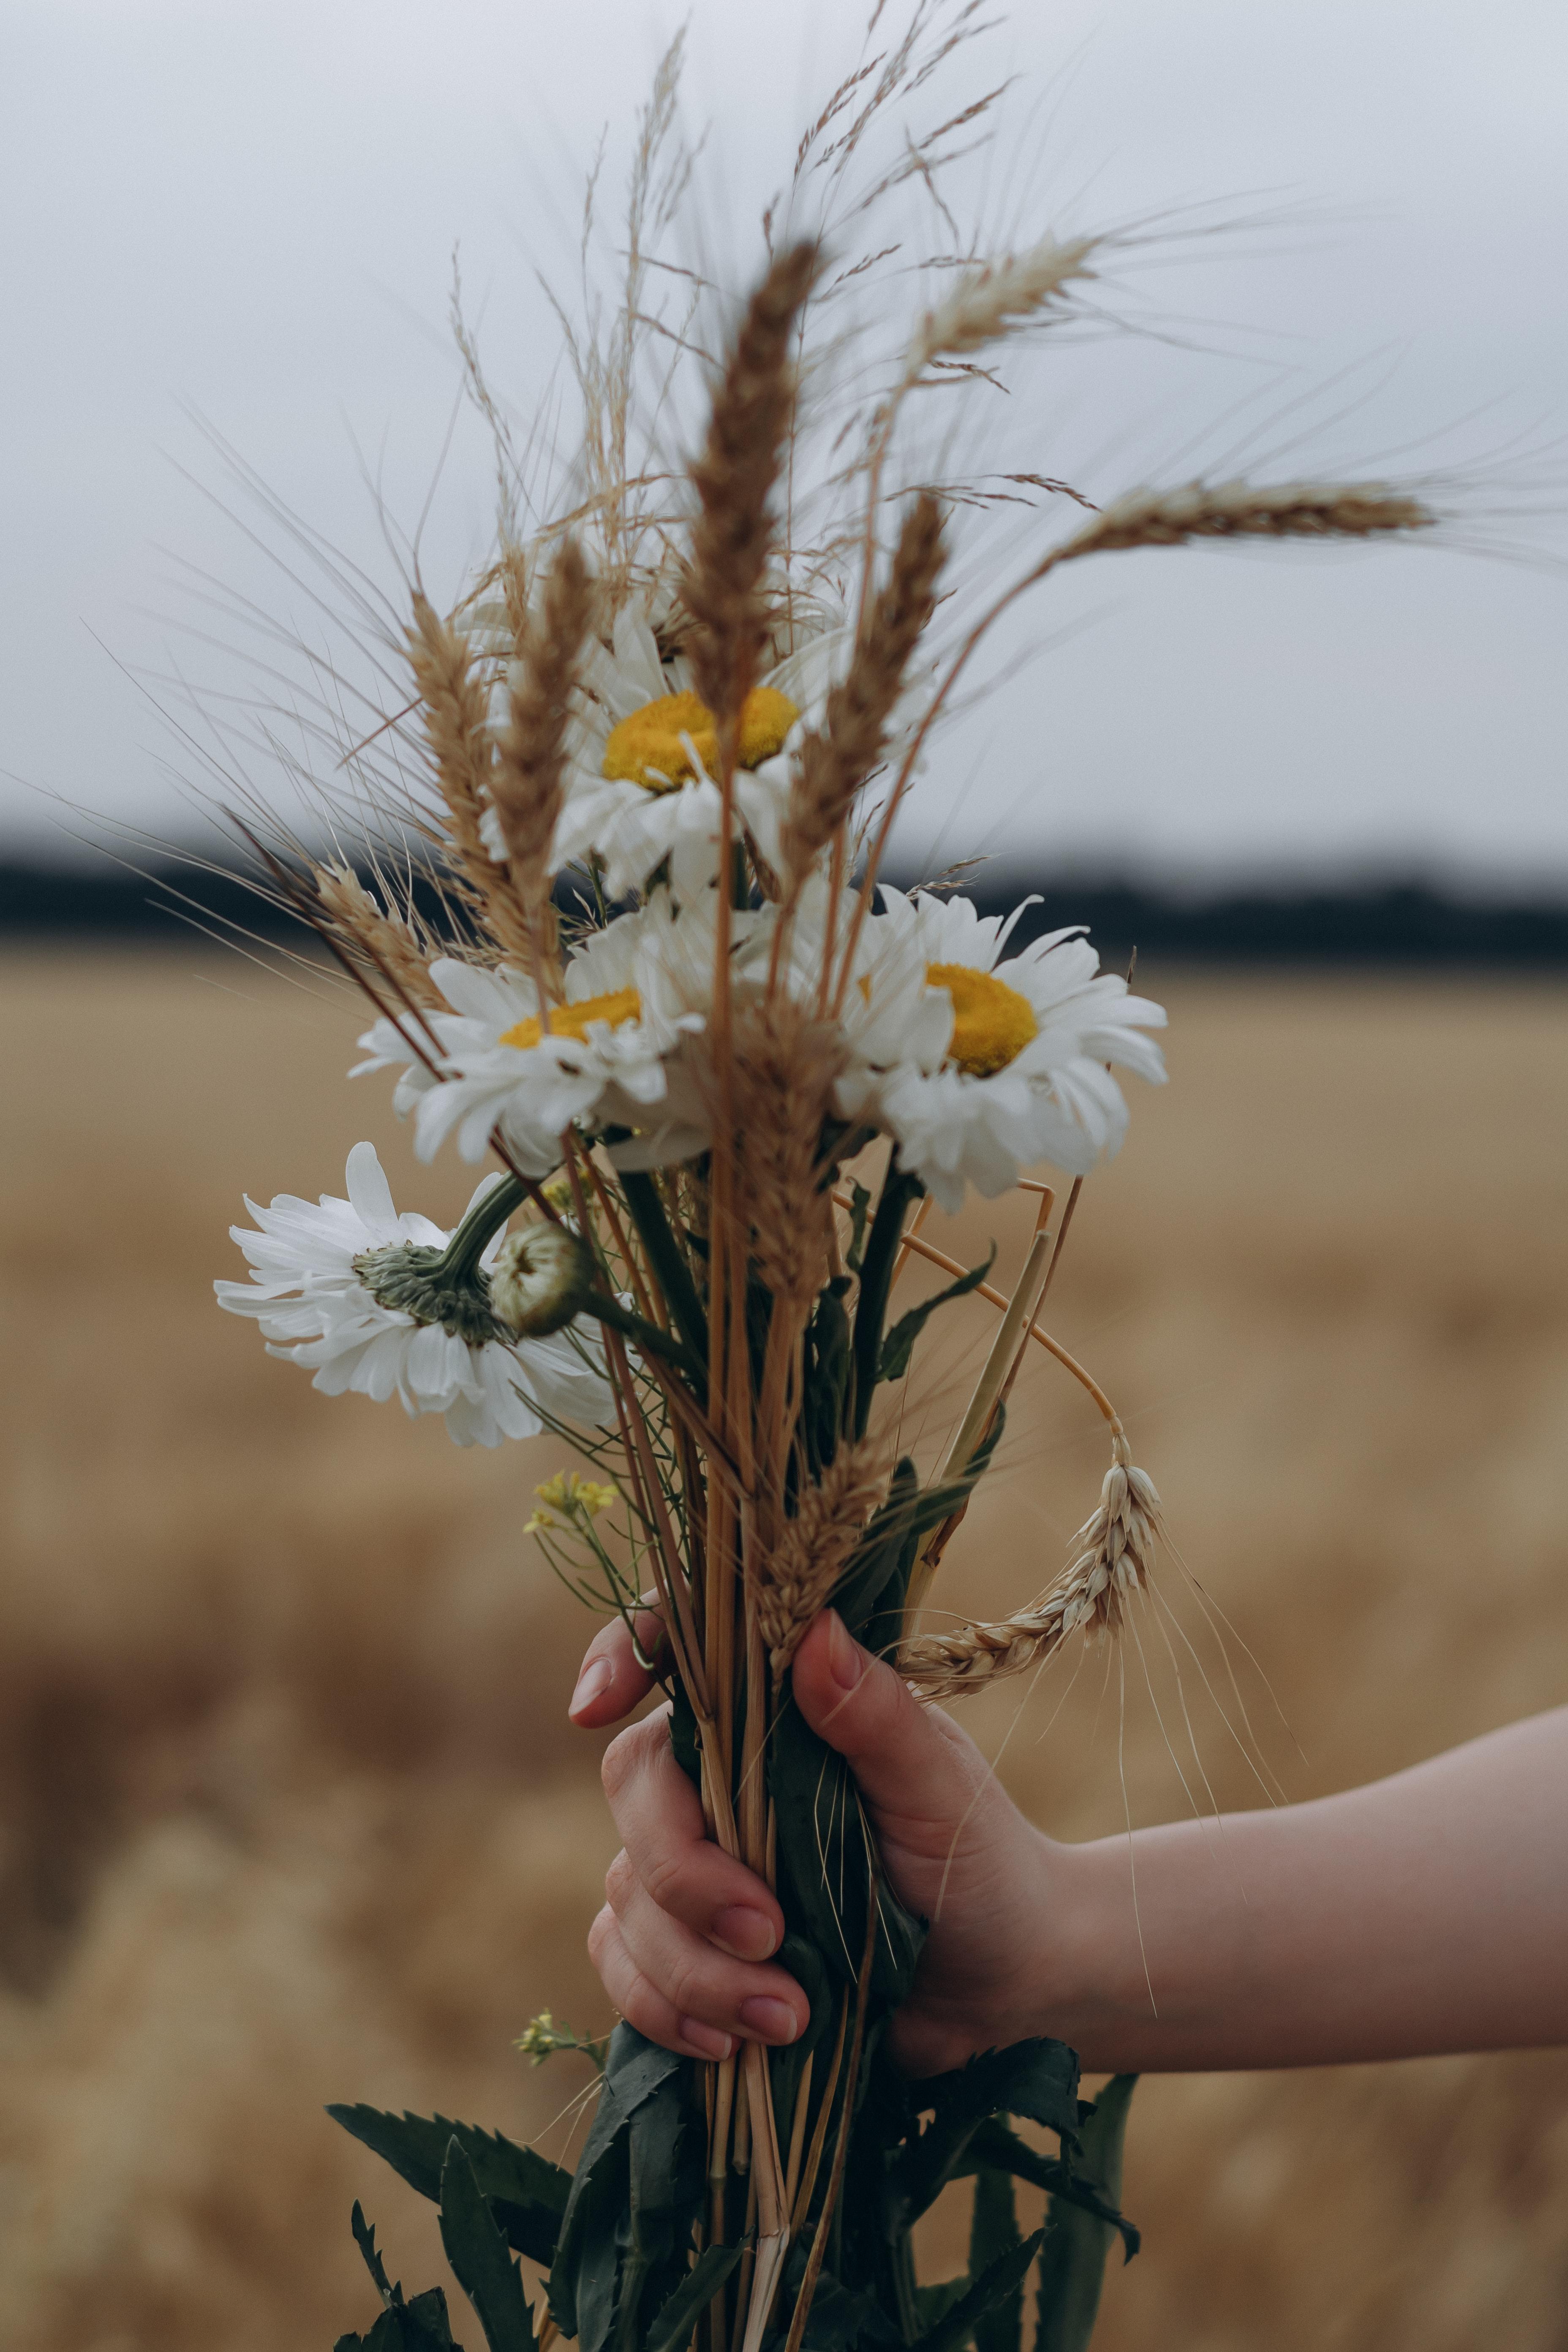 98593 скачать обои Цветы, Ромашки, Колосья, Букет, Рука - заставки и картинки бесплатно